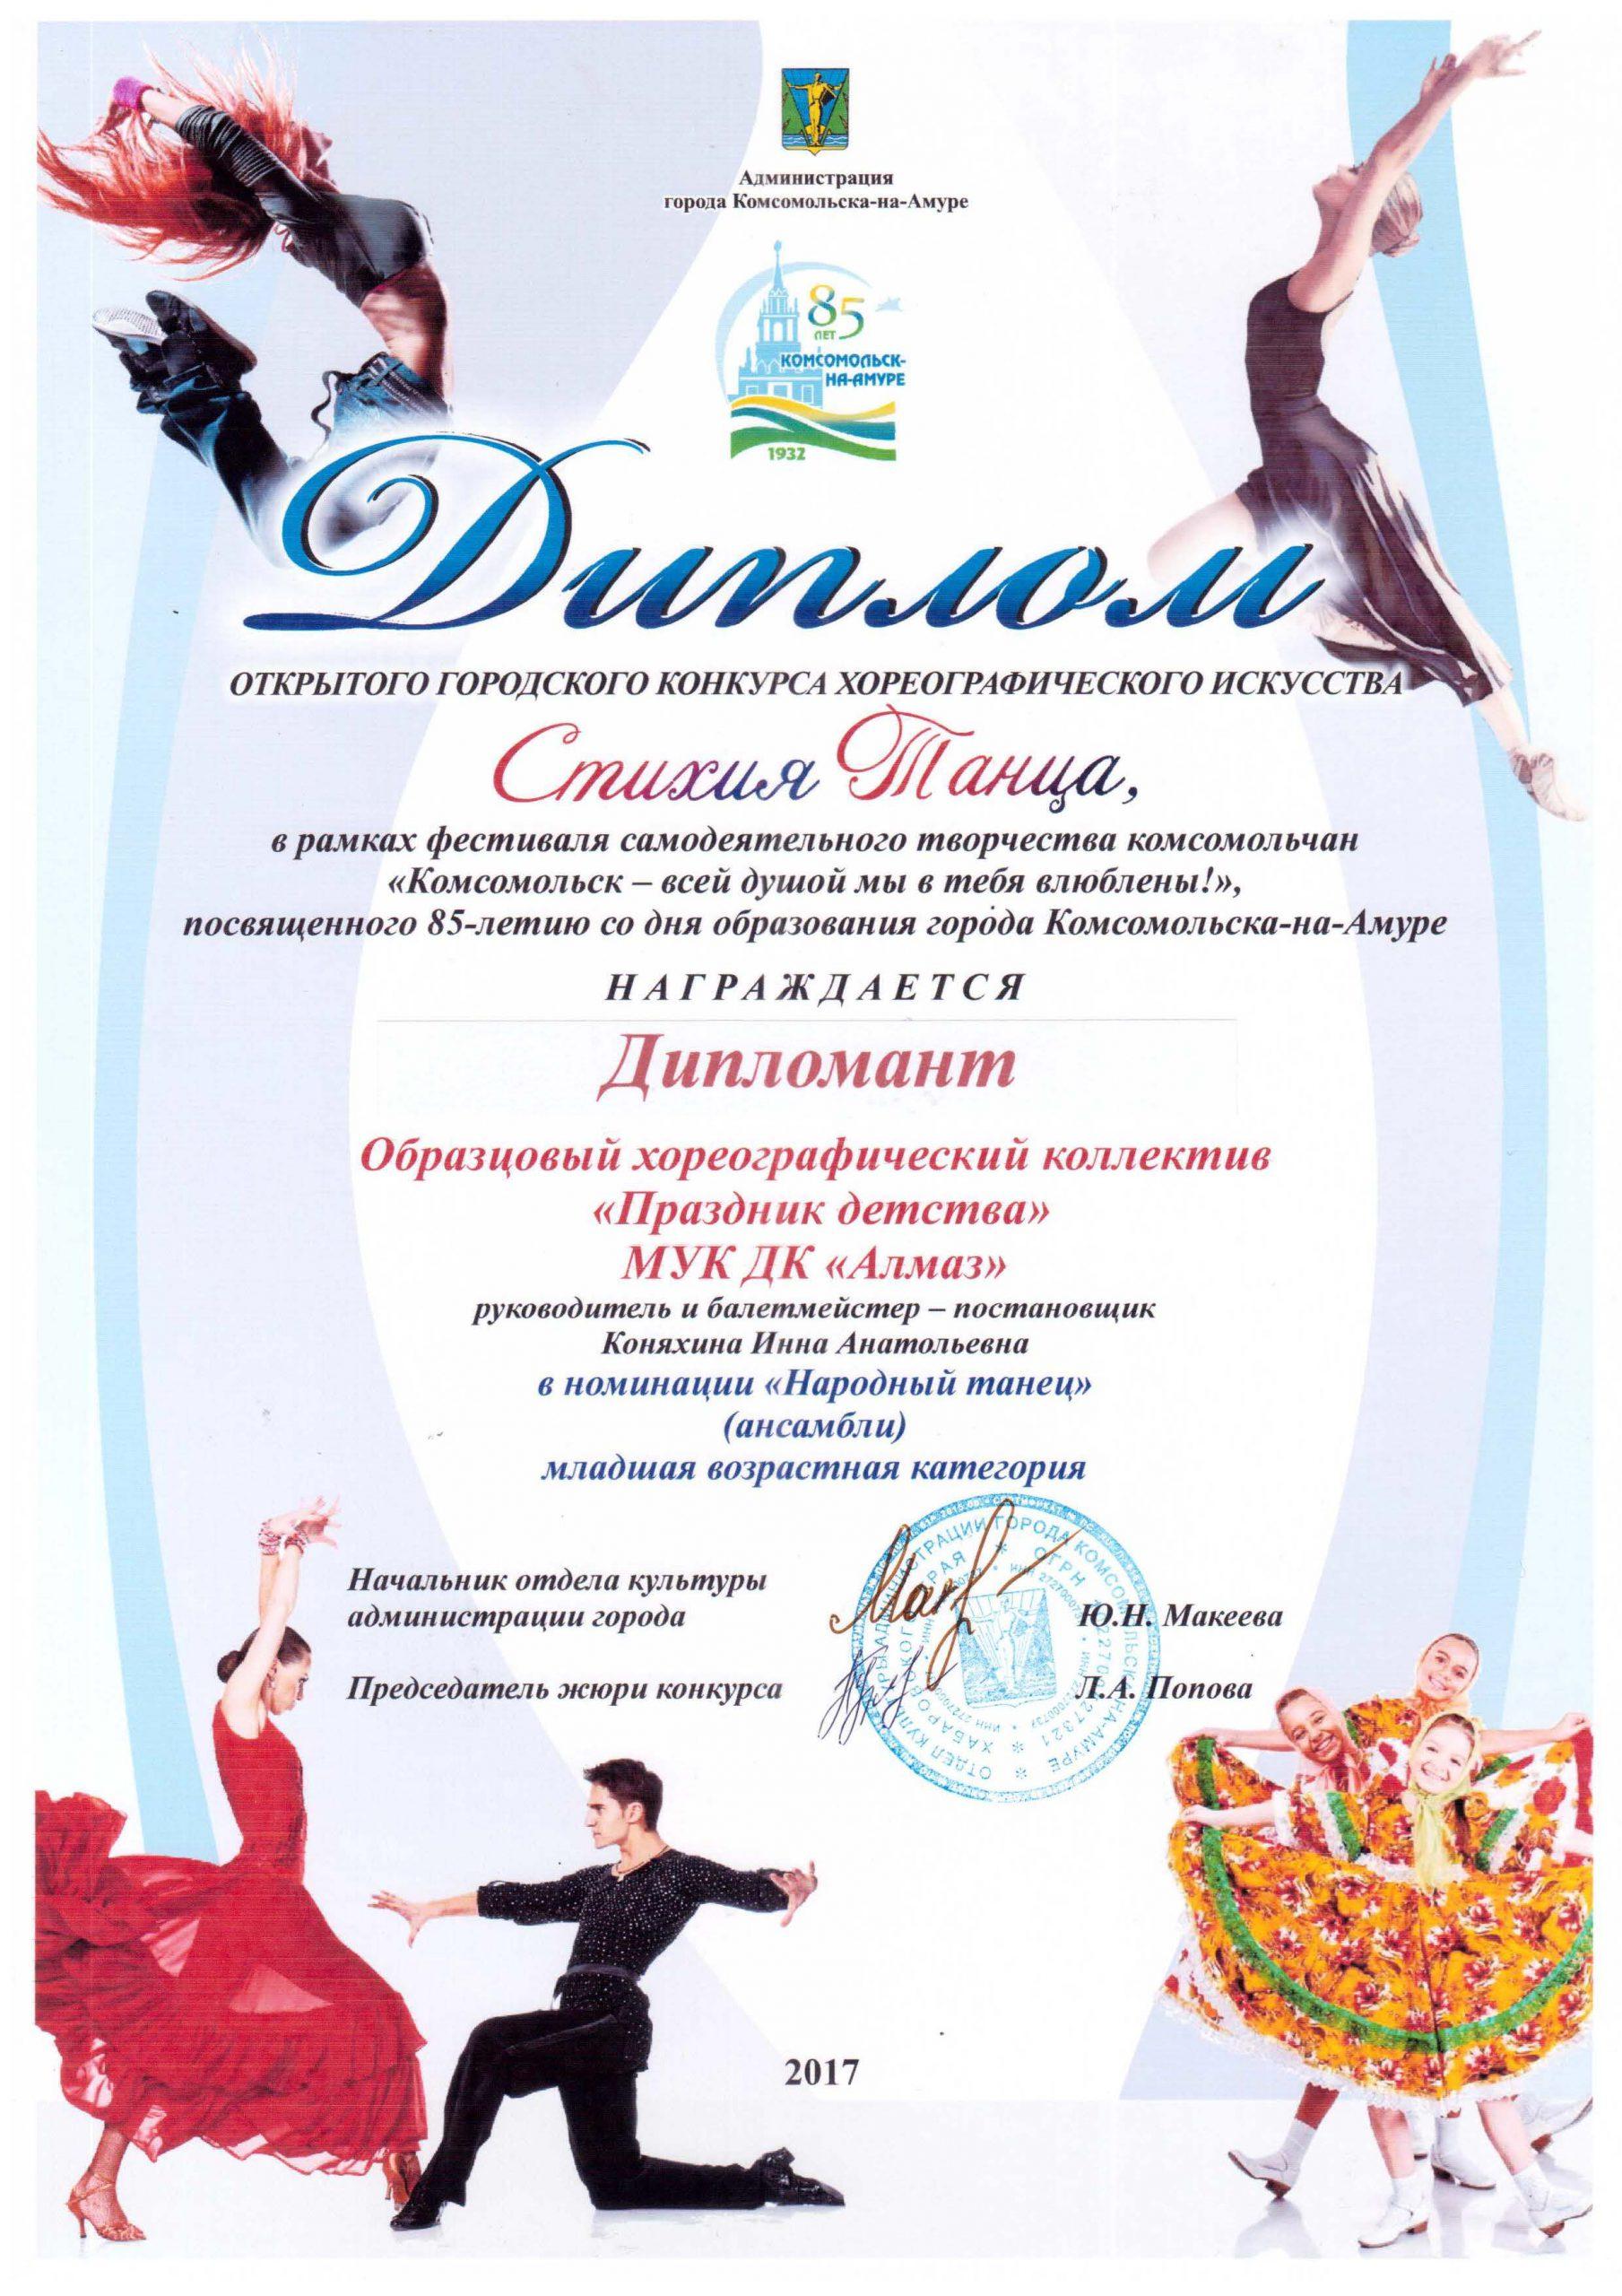 стихия танца 2017 г. (3)